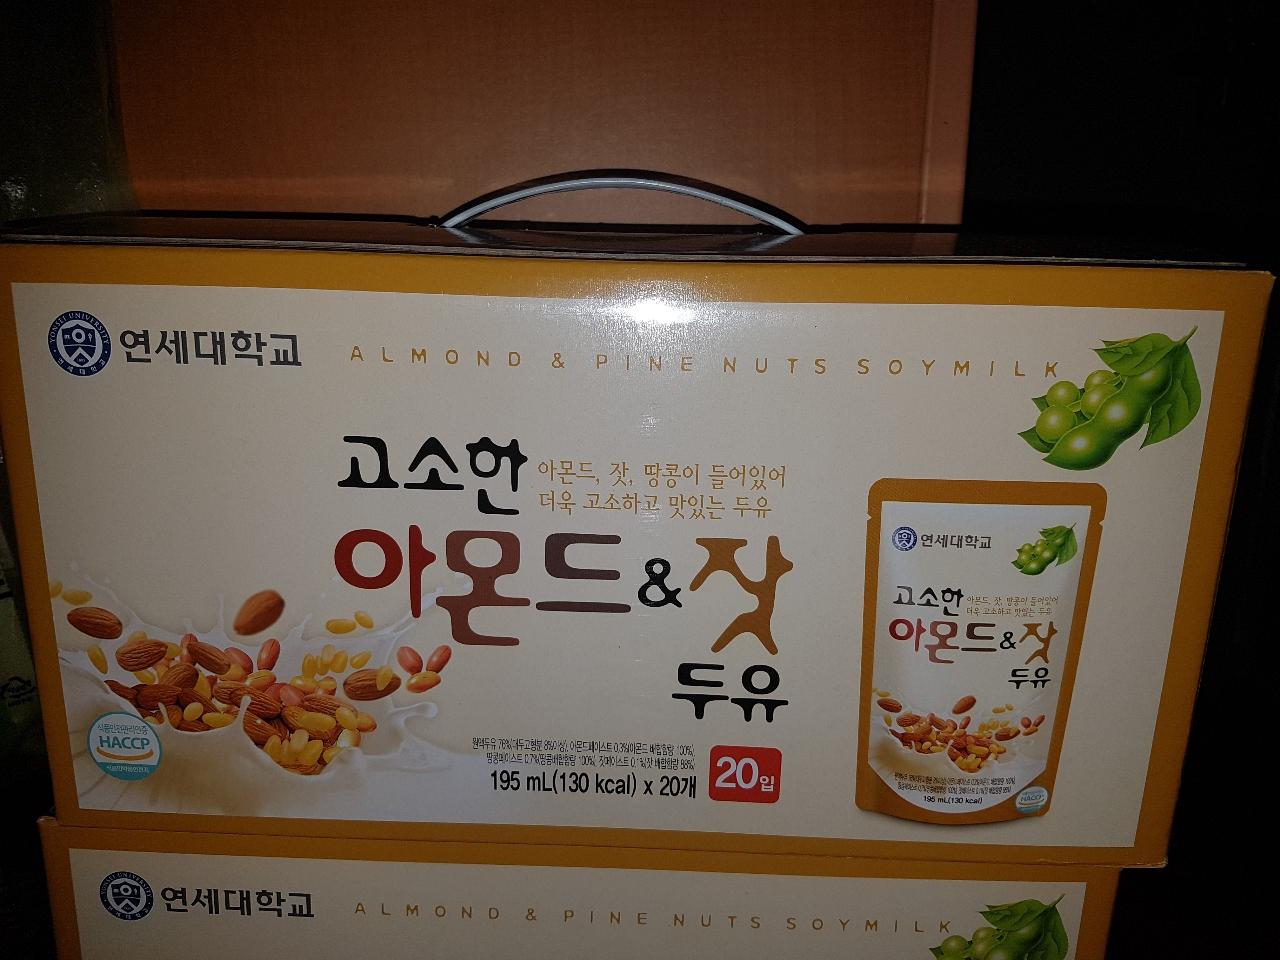 고소한 아몬드 잣두유(20개/1봉지에195미리)